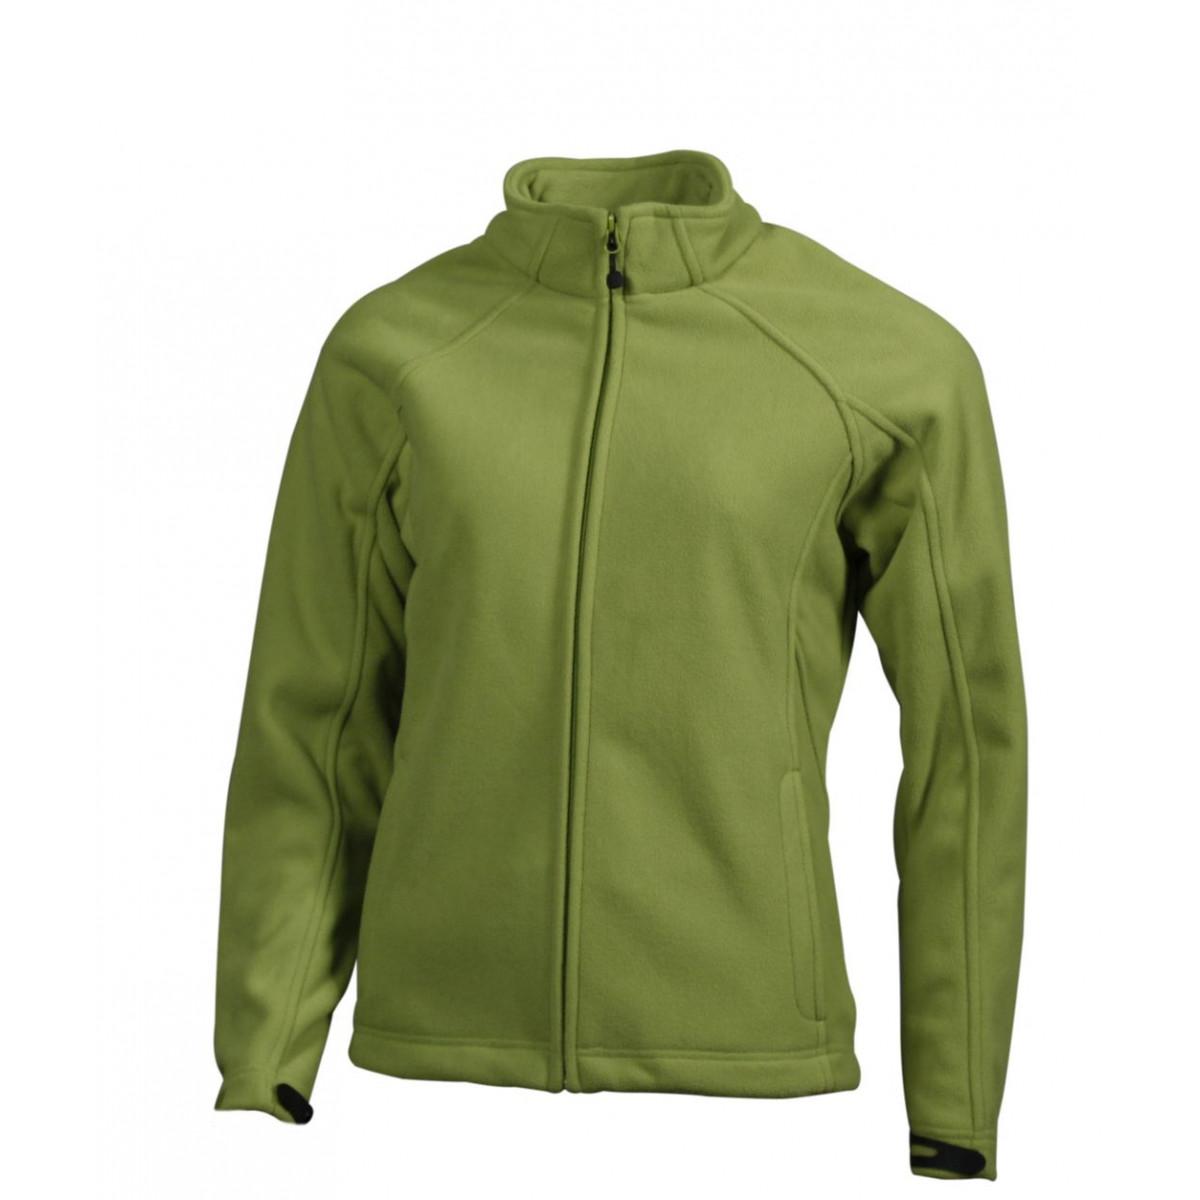 Толстовка женская JN1007 Ladies  Bonded Fleece Jacket - Насыщенный зеленый/Темно-синий